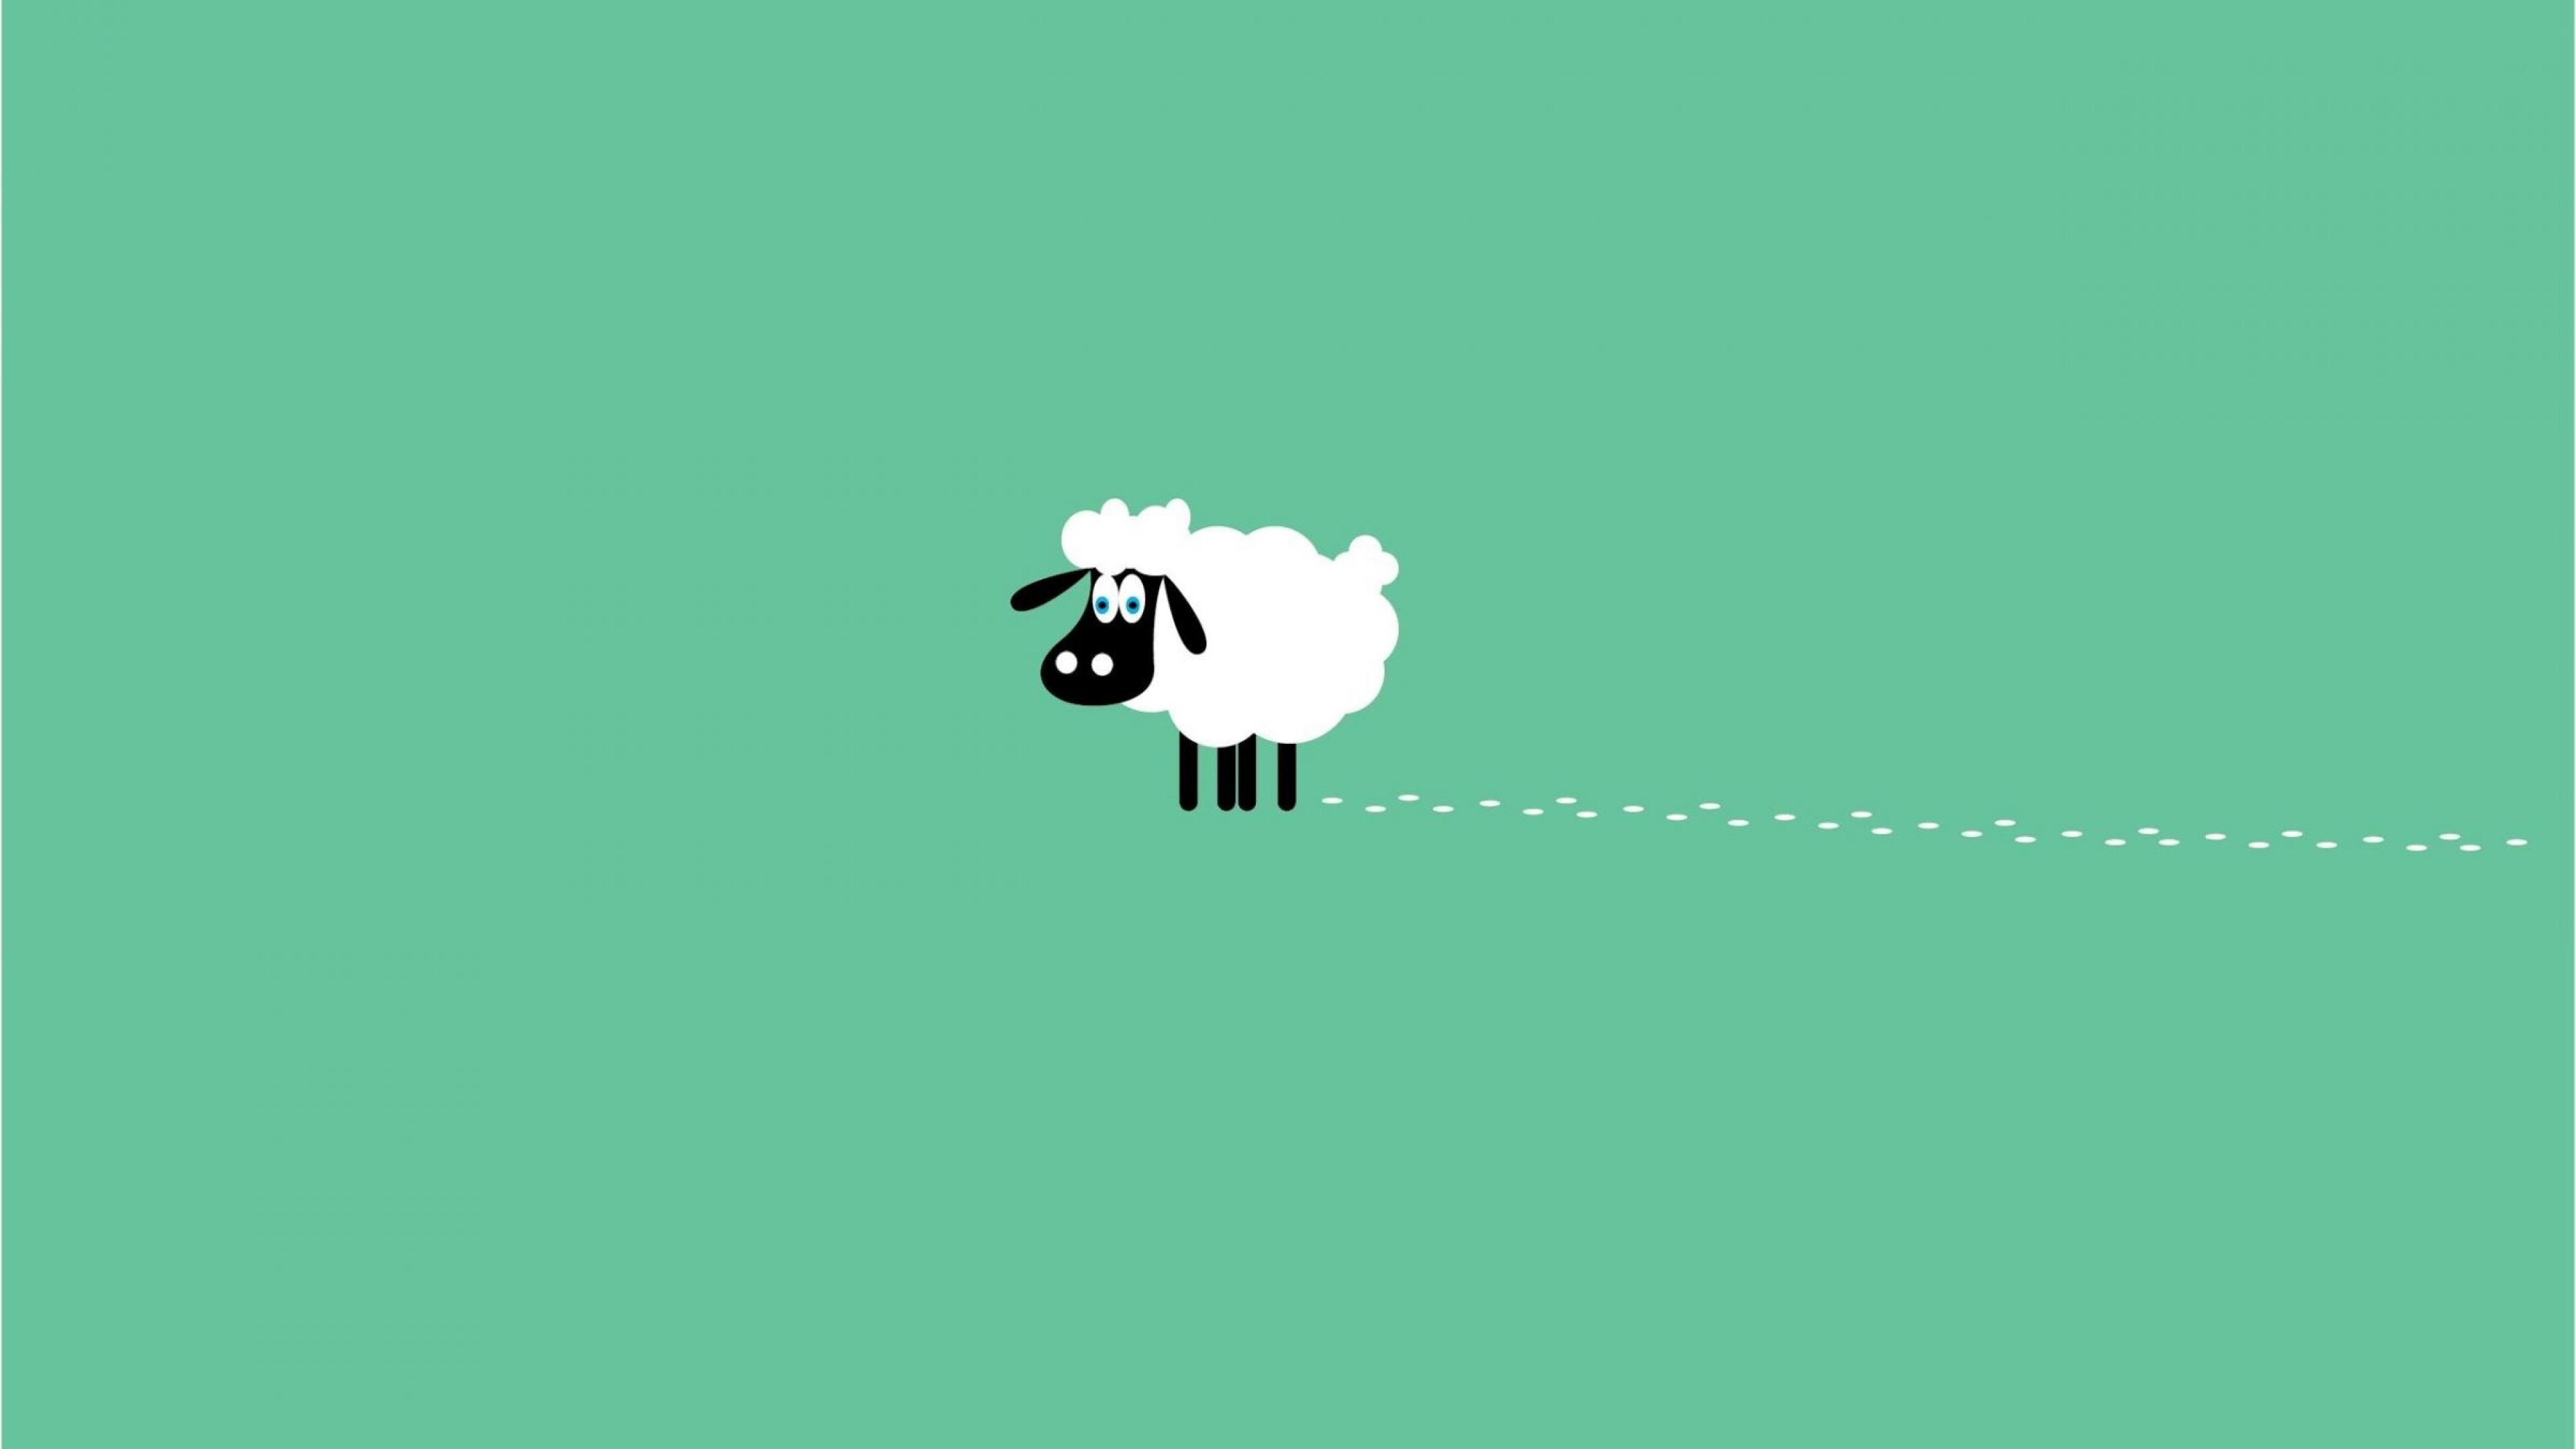 Shaun The Cartoon Sheep Wallpaper For Desktop And Mobiles 4k Ultra Hd Hd Wallpaper Wallpapers Net